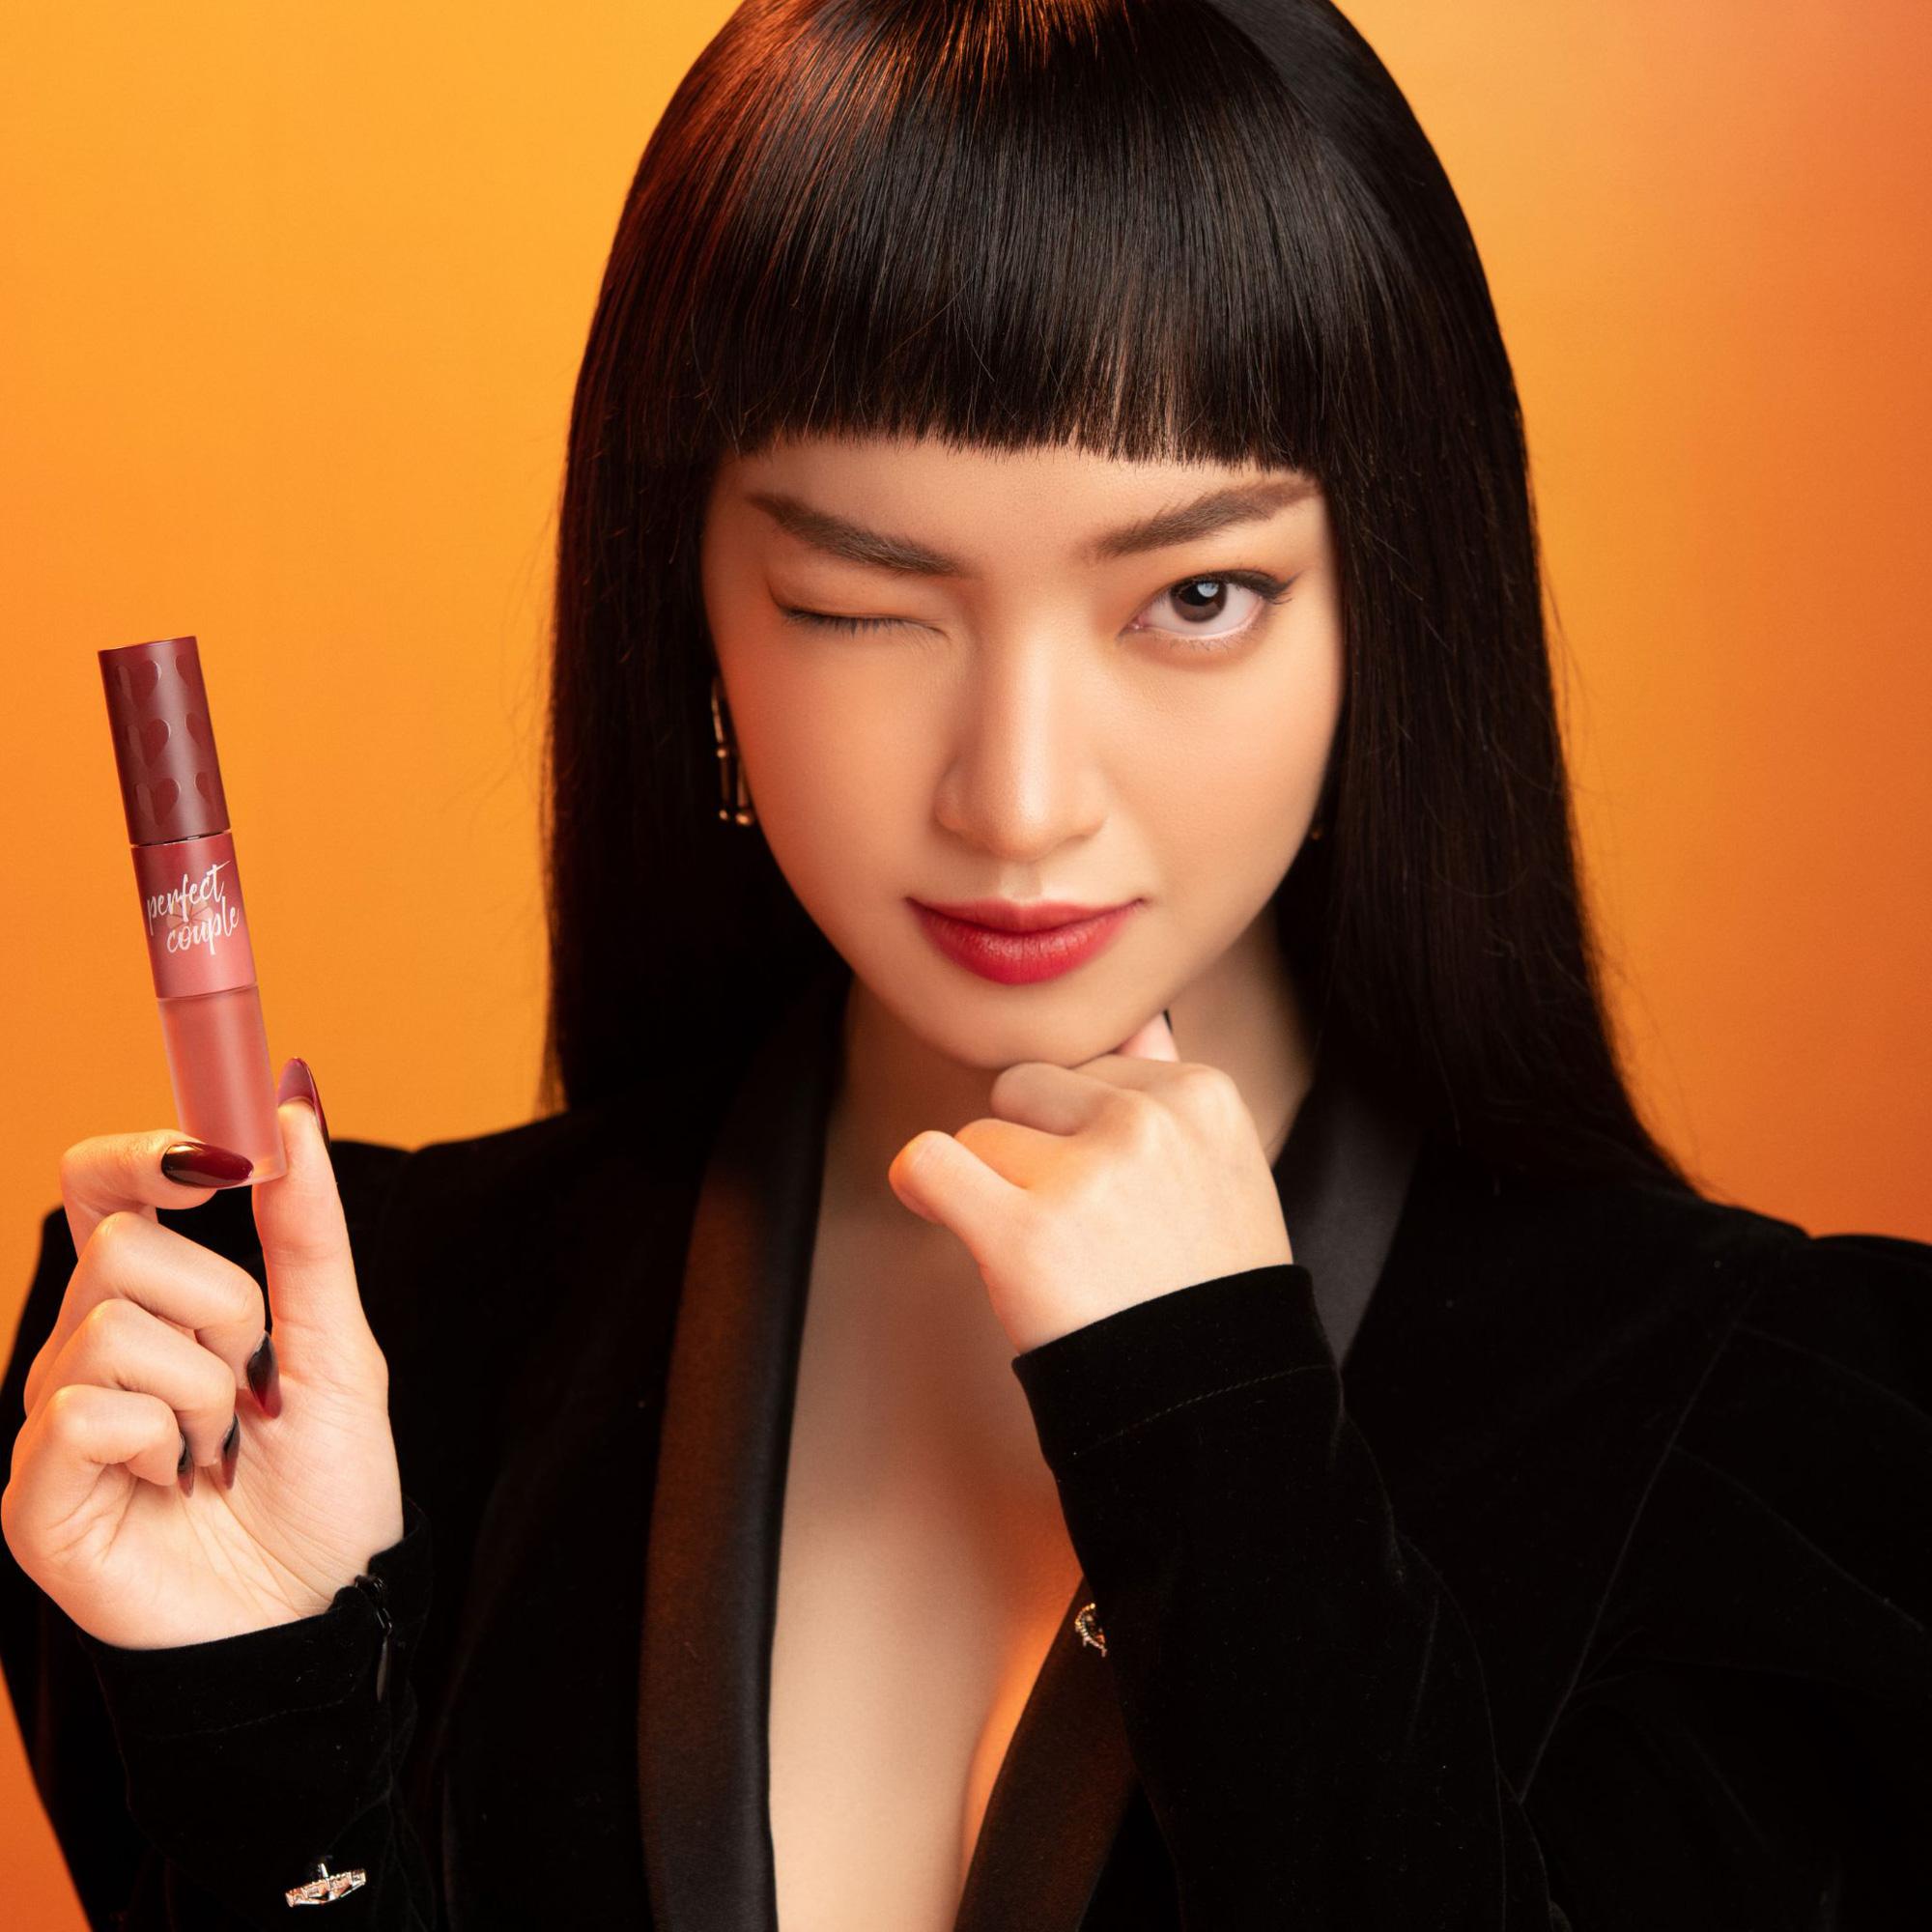 Châu Bùi lấn sân ra mắt bộ sưu tập son mới lấy cảm hứng từ thời trang - Ảnh 6.